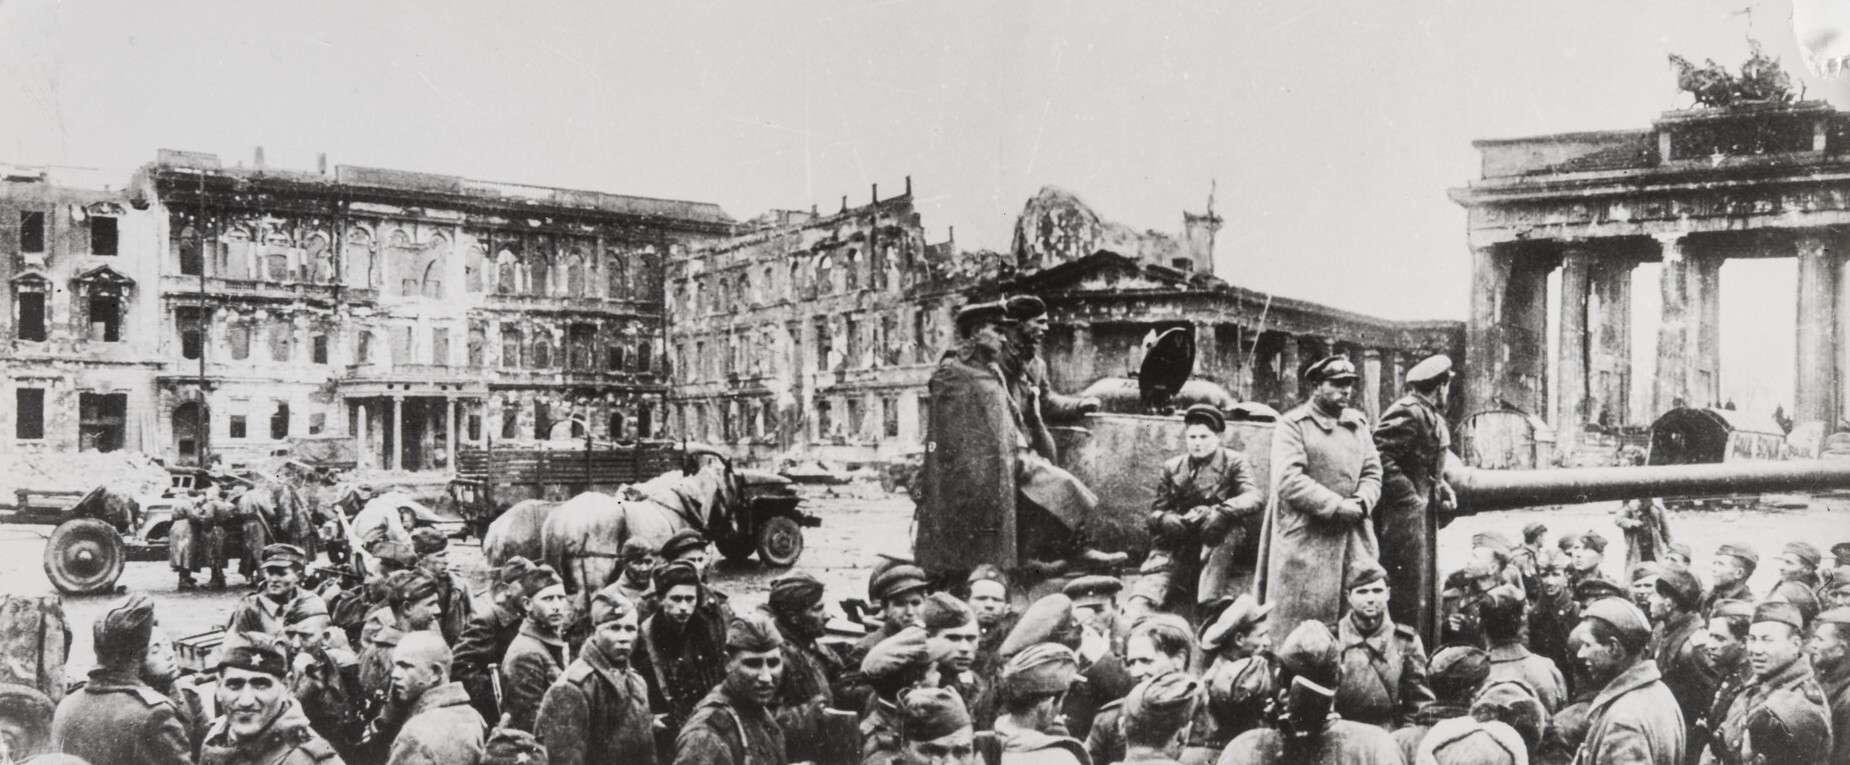 Евгений Халдей.    У Бранденбургских ворот   Германия,Берлин, 1945